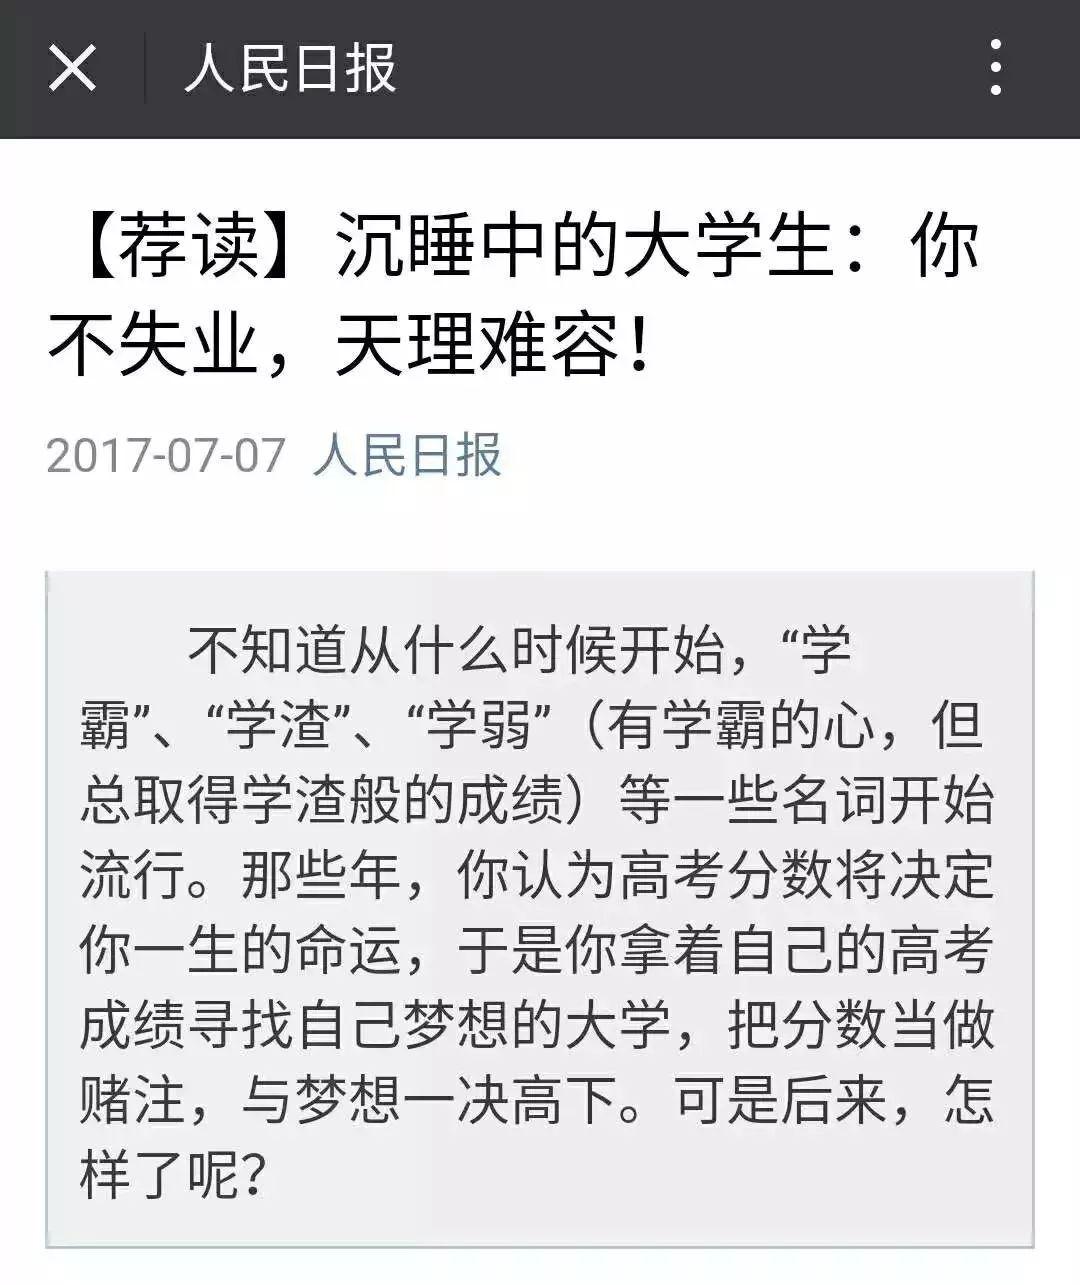 22名大学生一夜被开除,人民日报痛批沉睡的大学生:你不失业,天理难容!